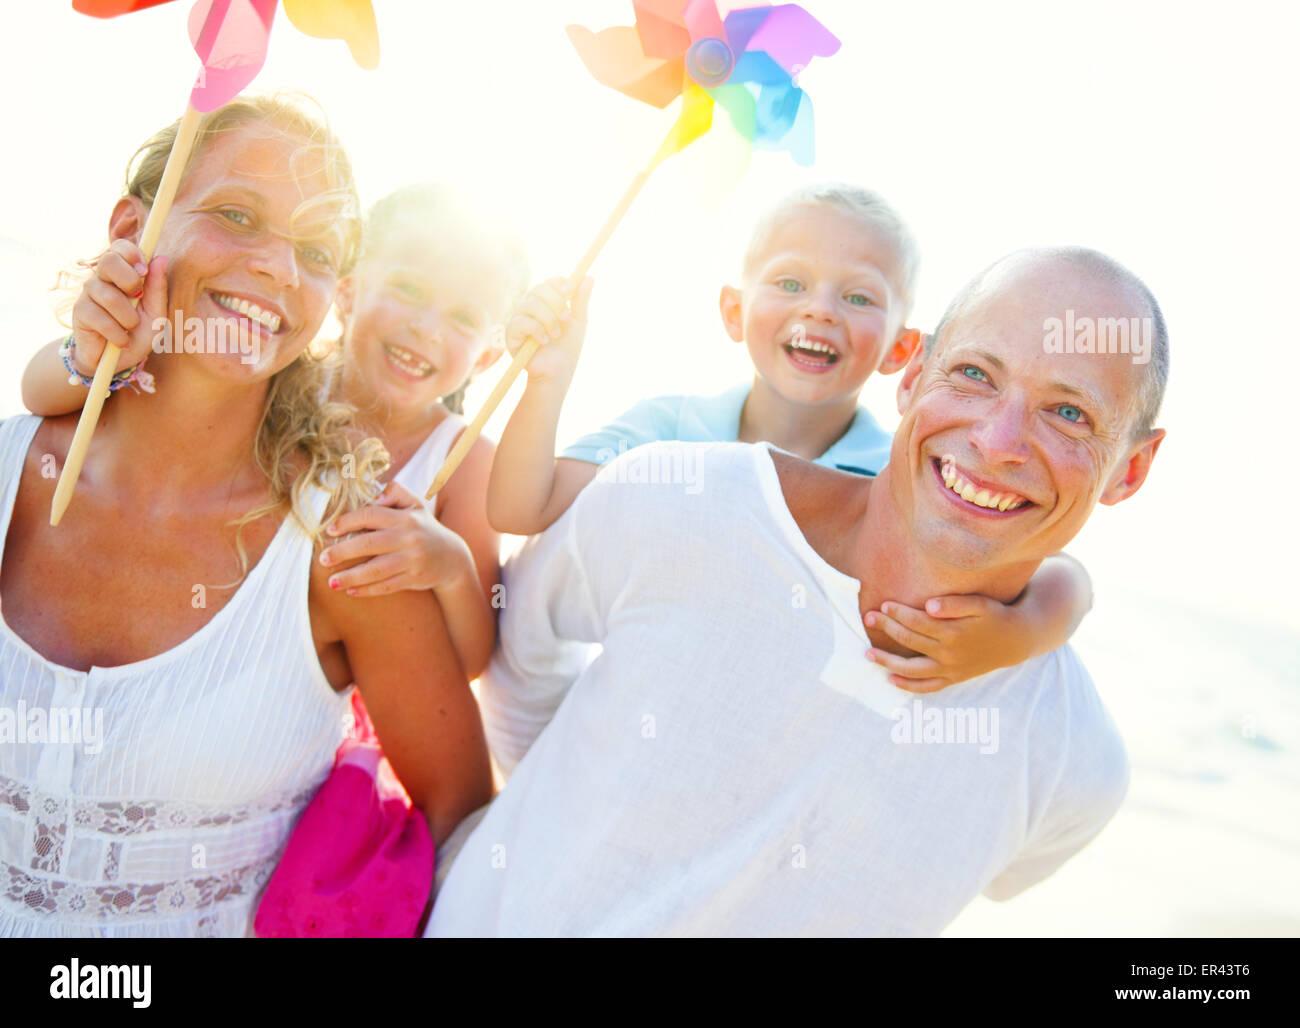 Joven familia disfrutando de sus vacaciones de verano. Imagen De Stock